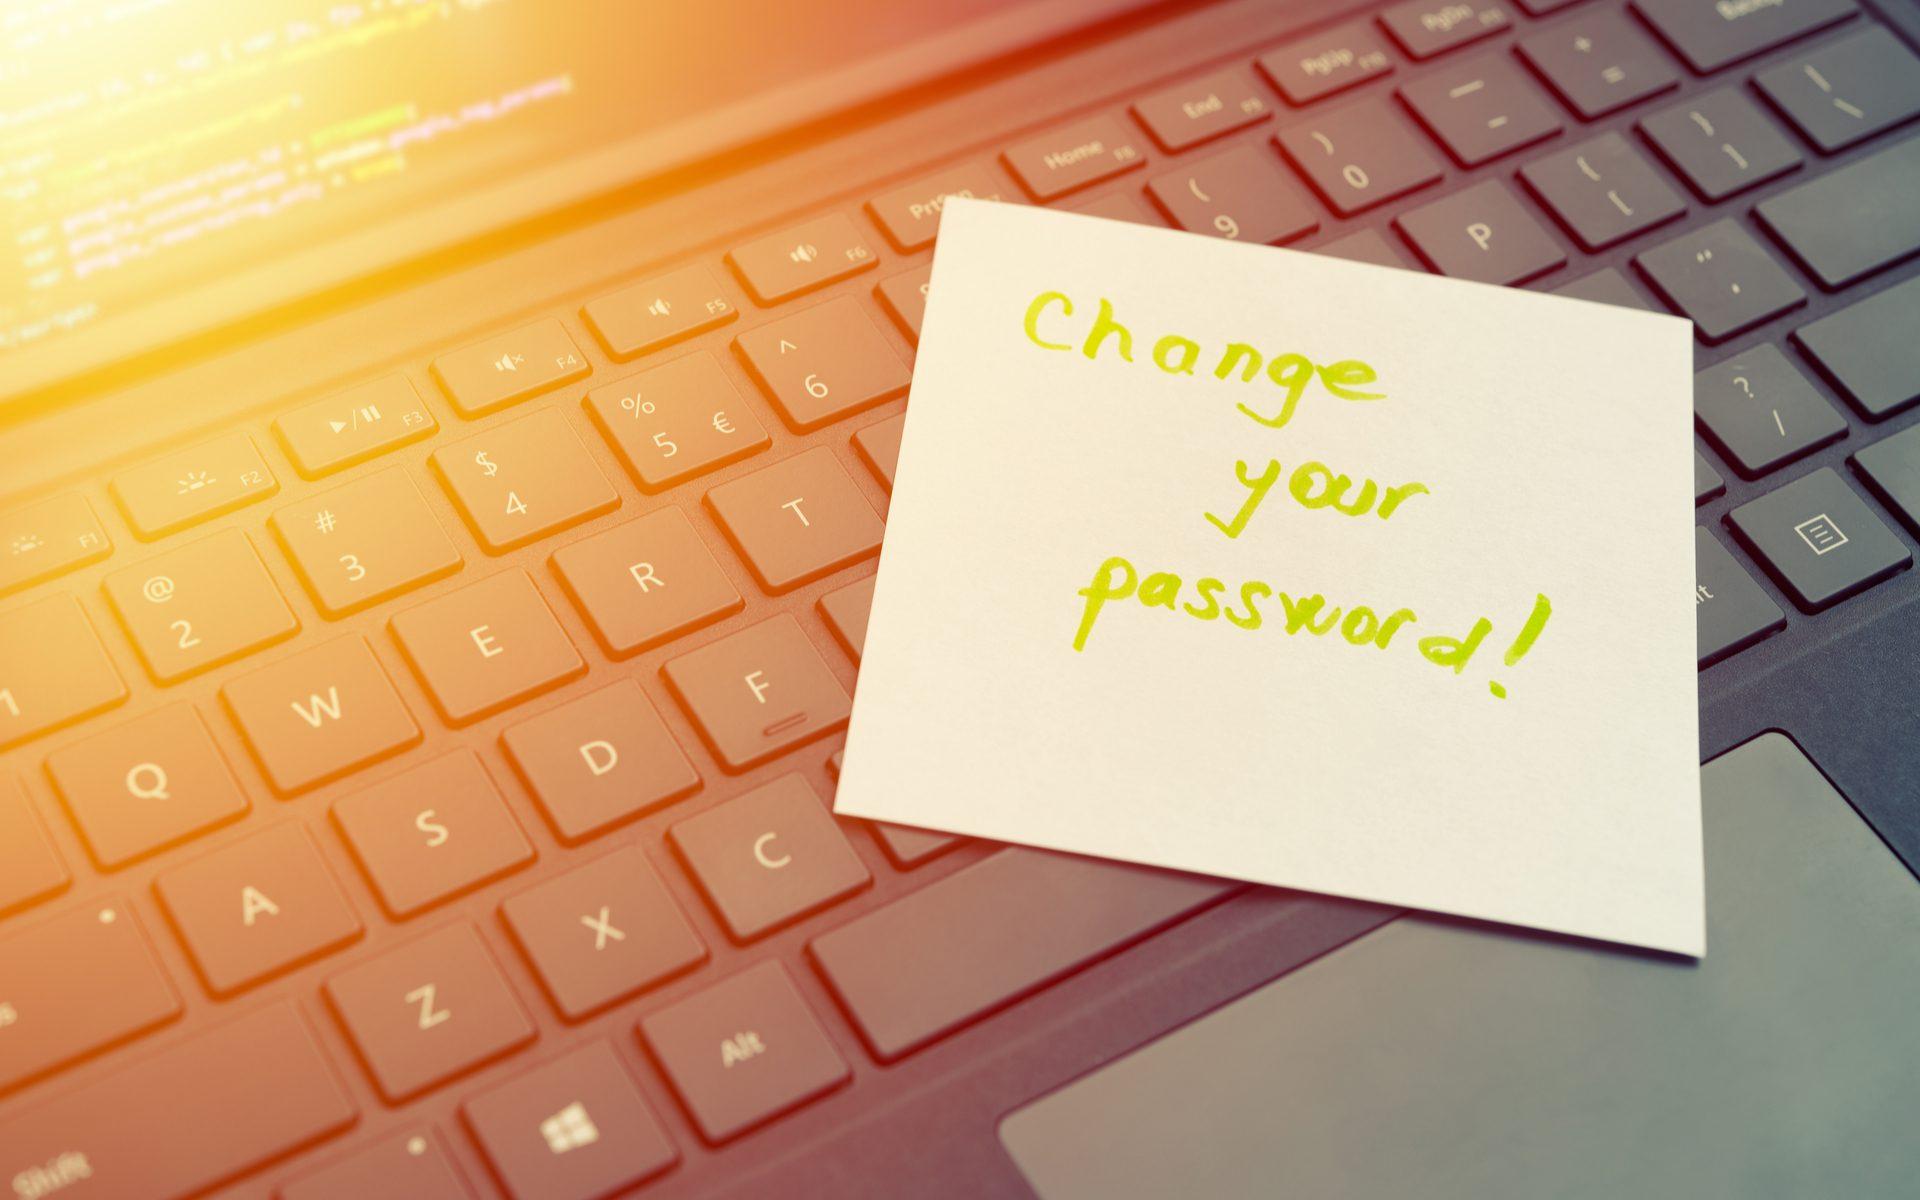 giá bitcoin: Người dùng sở hữu IOTA được khuyến cáo thay đổi mật khẩu sau khi hệ thống bị tấn công